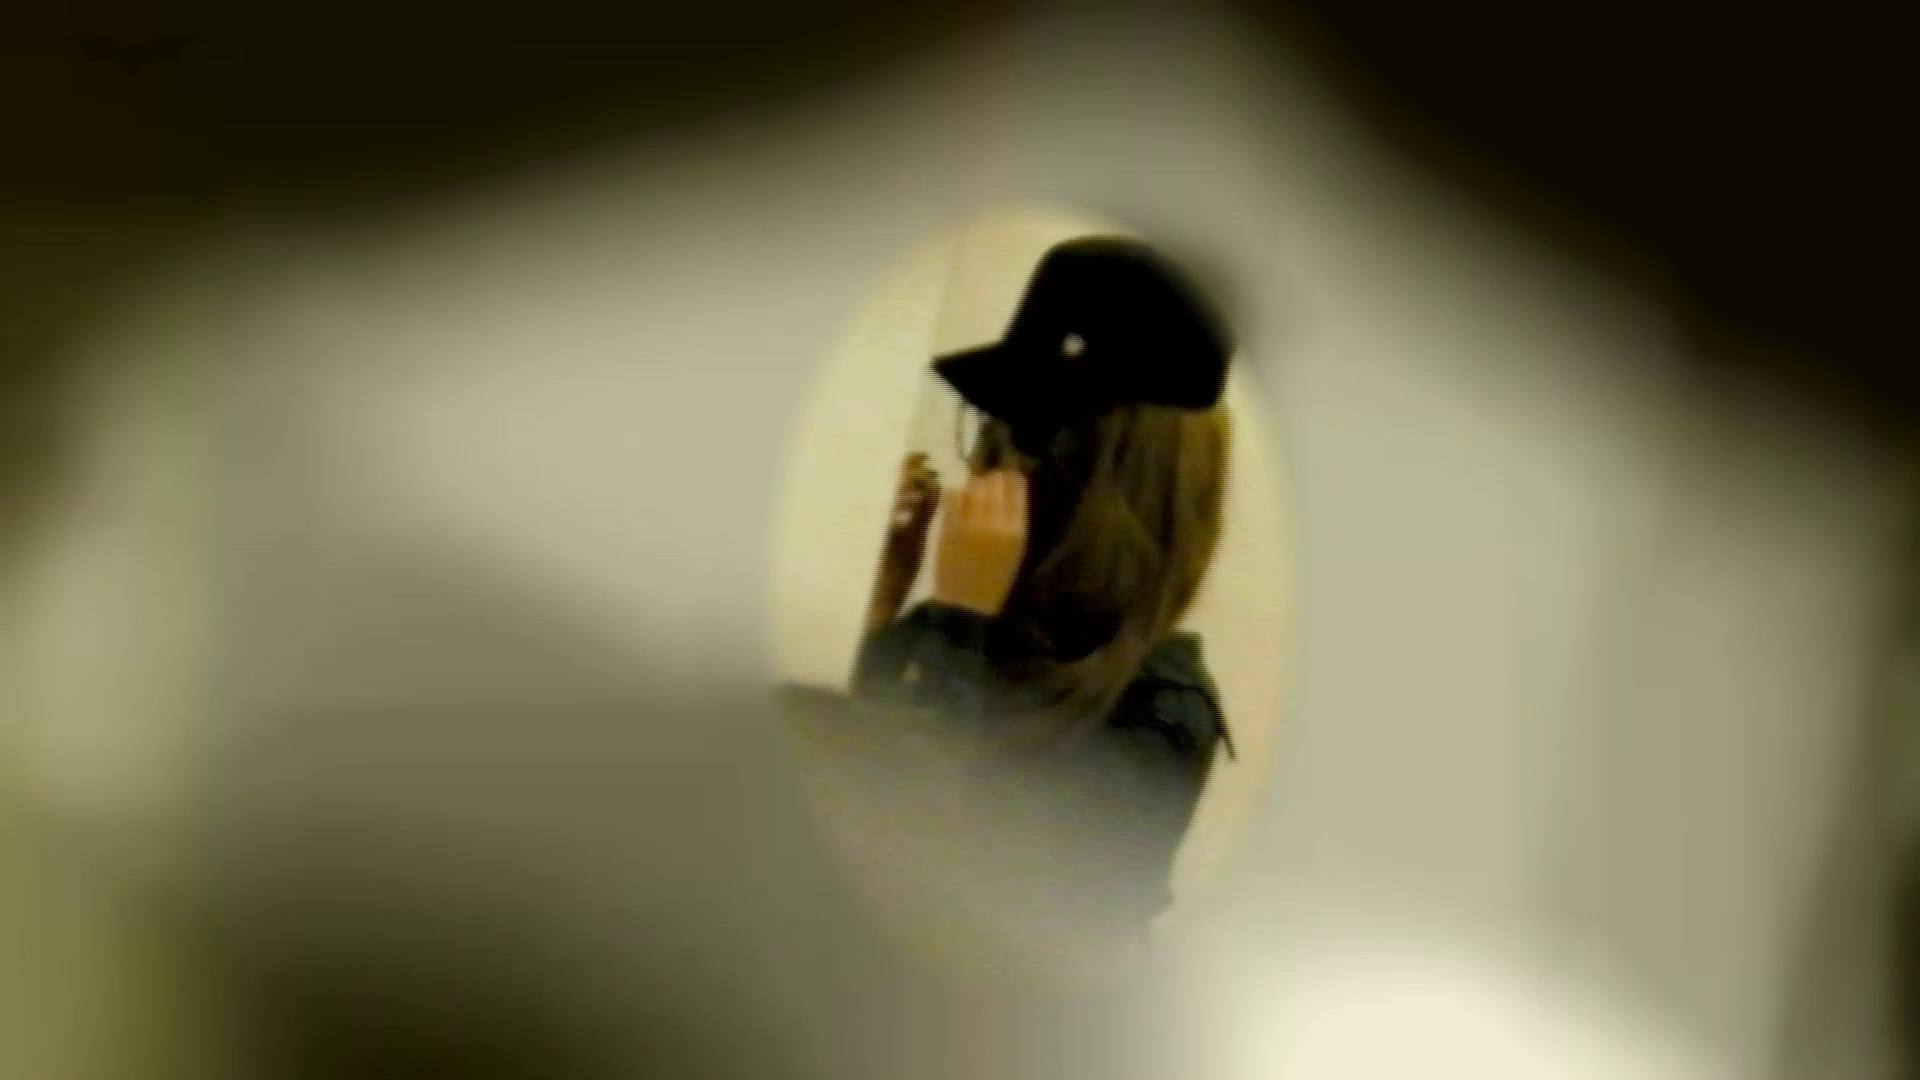 新世界の射窓 No78 トリンドル 玲奈似登場シリーズ美女率最高作! お姉さんのSEX   ギャル達  112枚 25